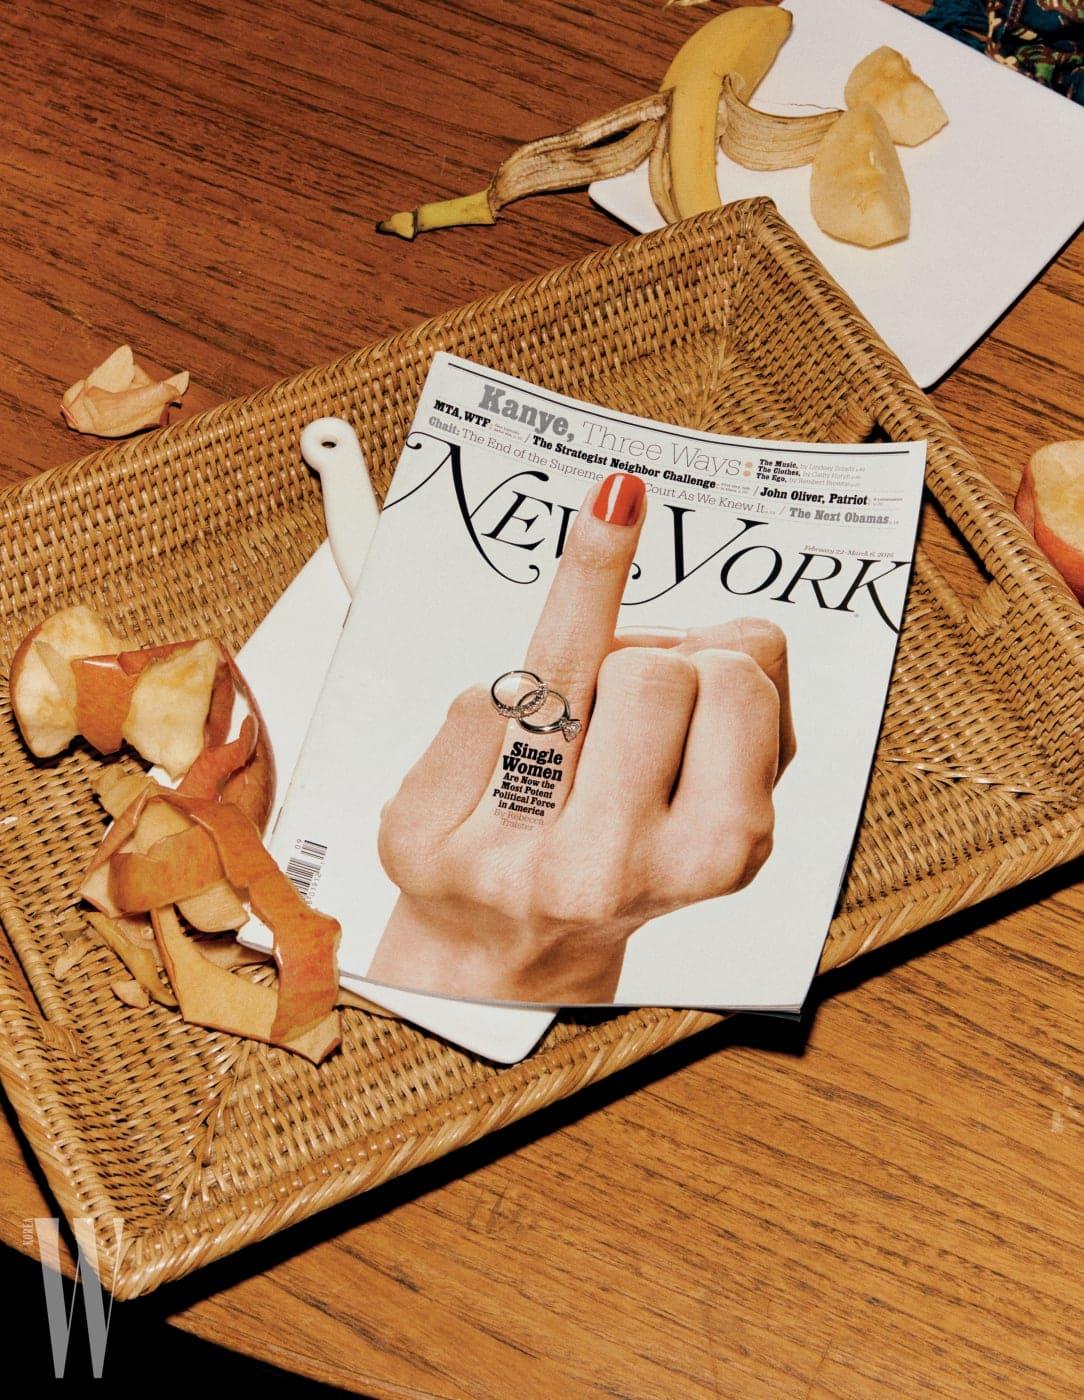 시그너처 티파니 세팅이 돋보이는 다이아몬드 웨딩 링과 티파니 임브레이스 밴드링은 Tiffany&Co. 제품.